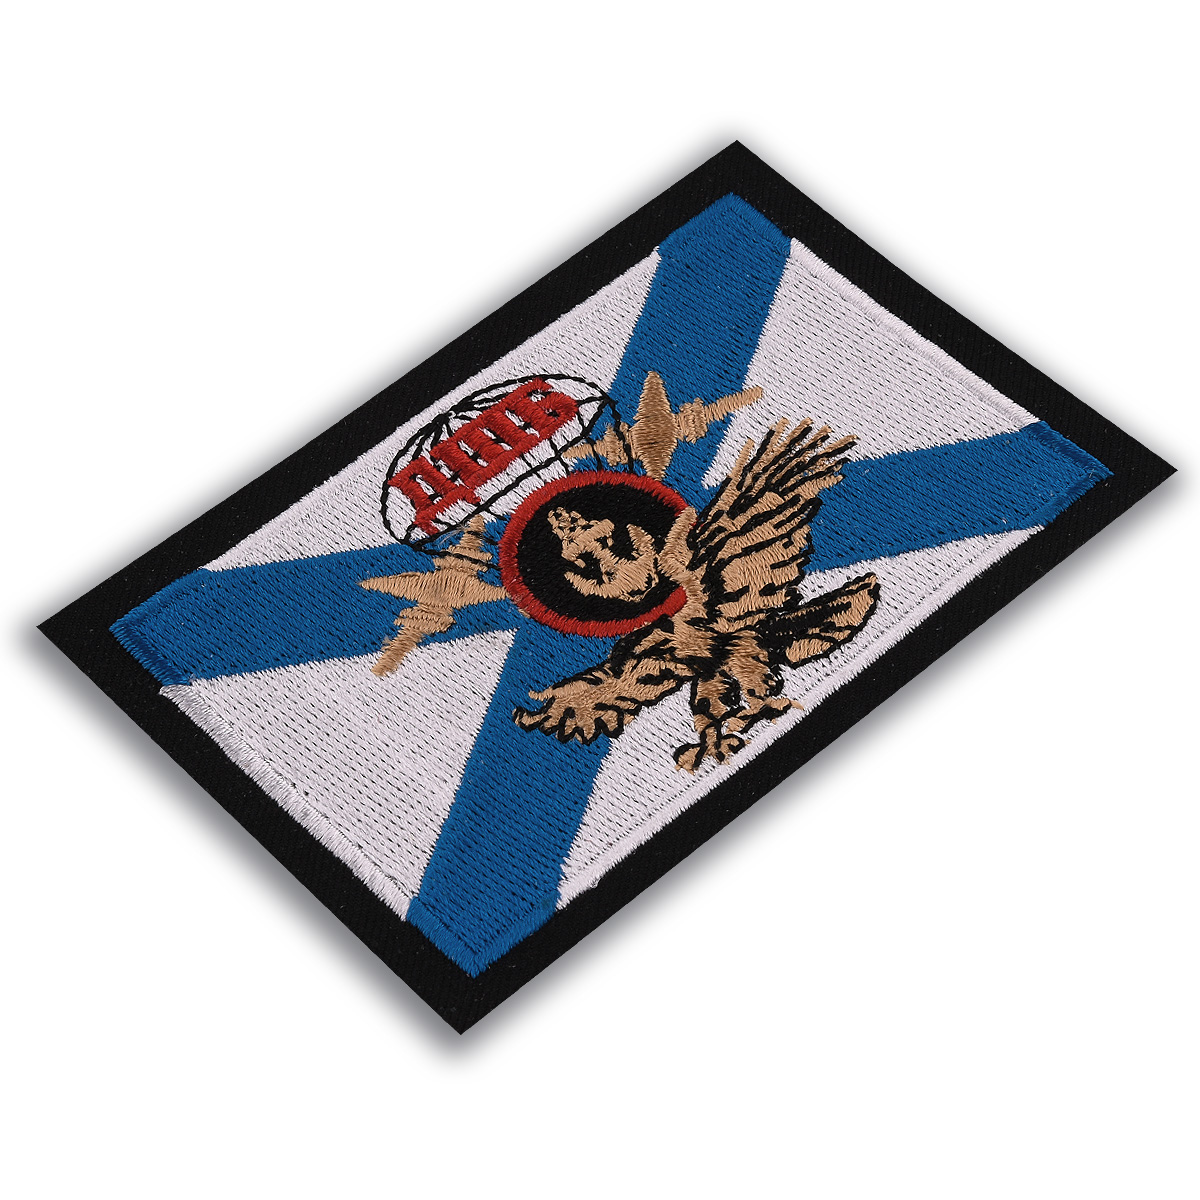 Нашивка ДШБ Морской пехоты